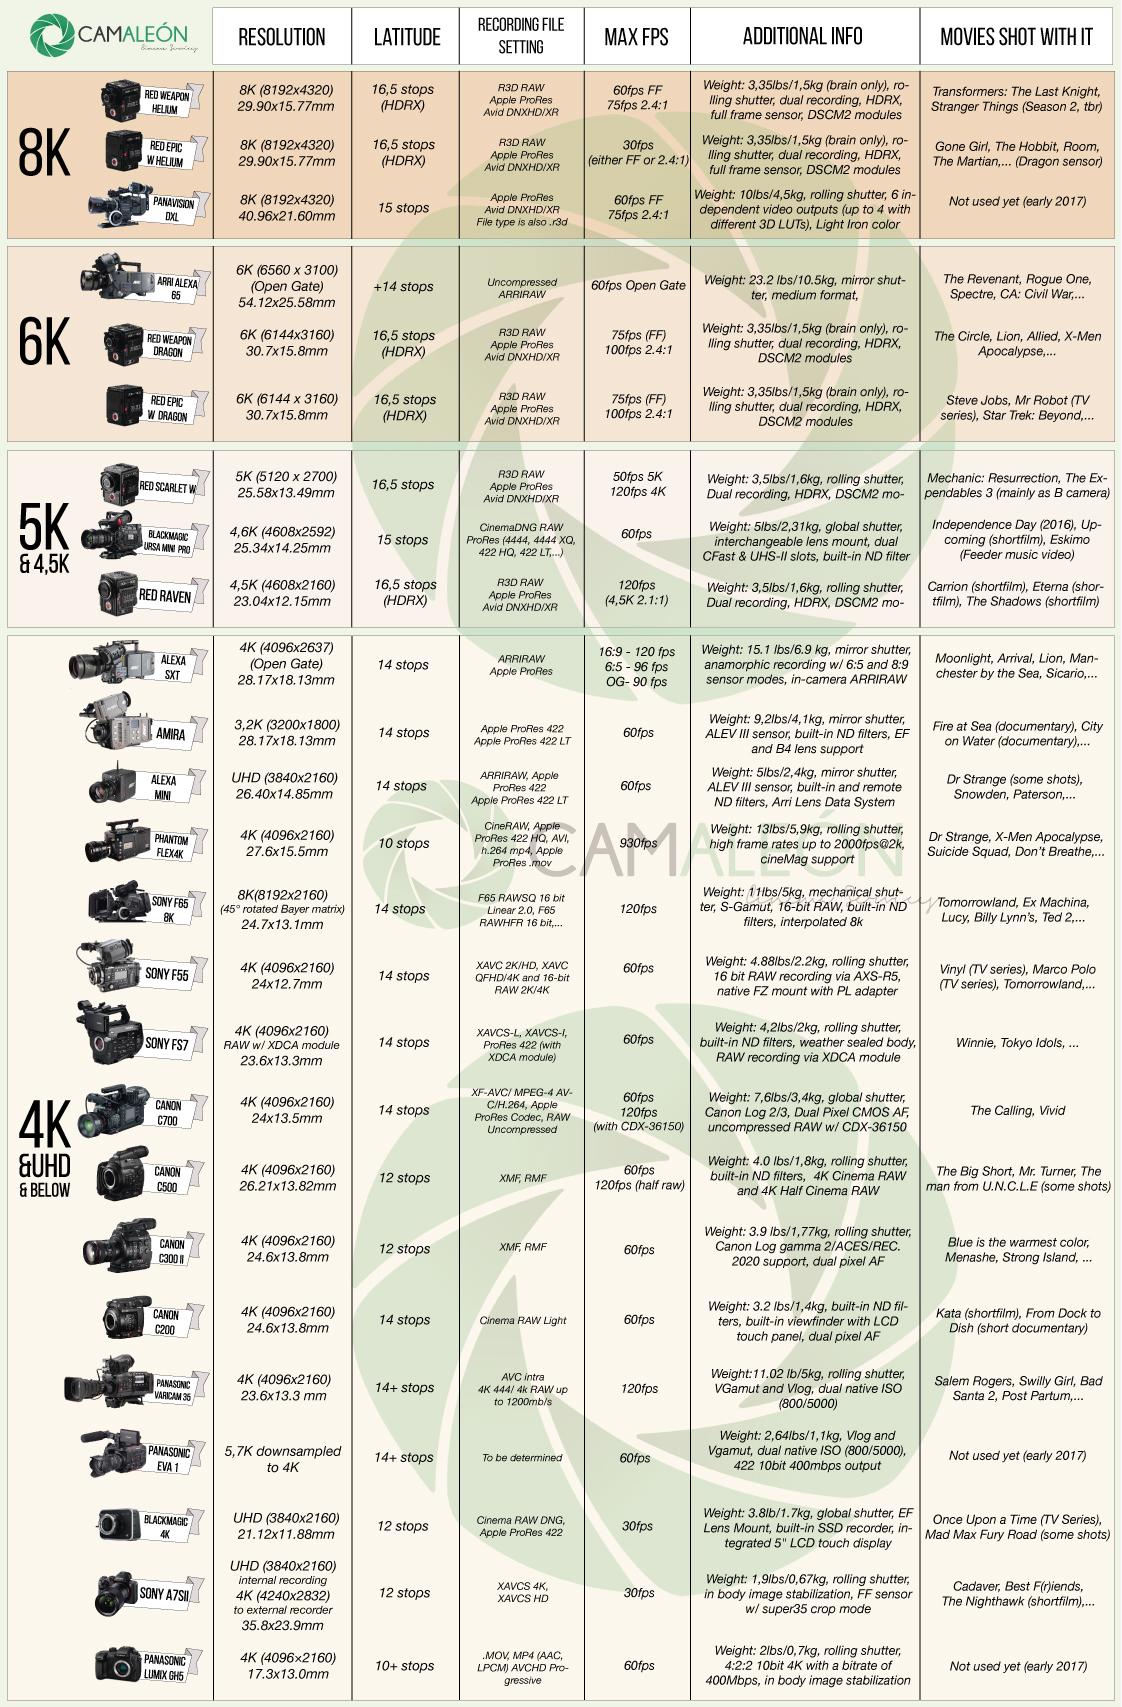 Comparativa de cámaras de cine digital | Camaleon Rental